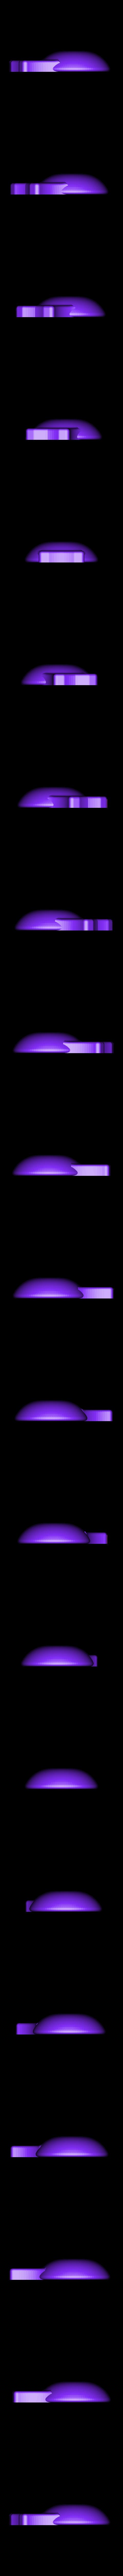 CASTAÑUELAS_mejoradas.stl Télécharger fichier STL gratuit Casquette de castagnettes • Objet imprimable en 3D, facuu